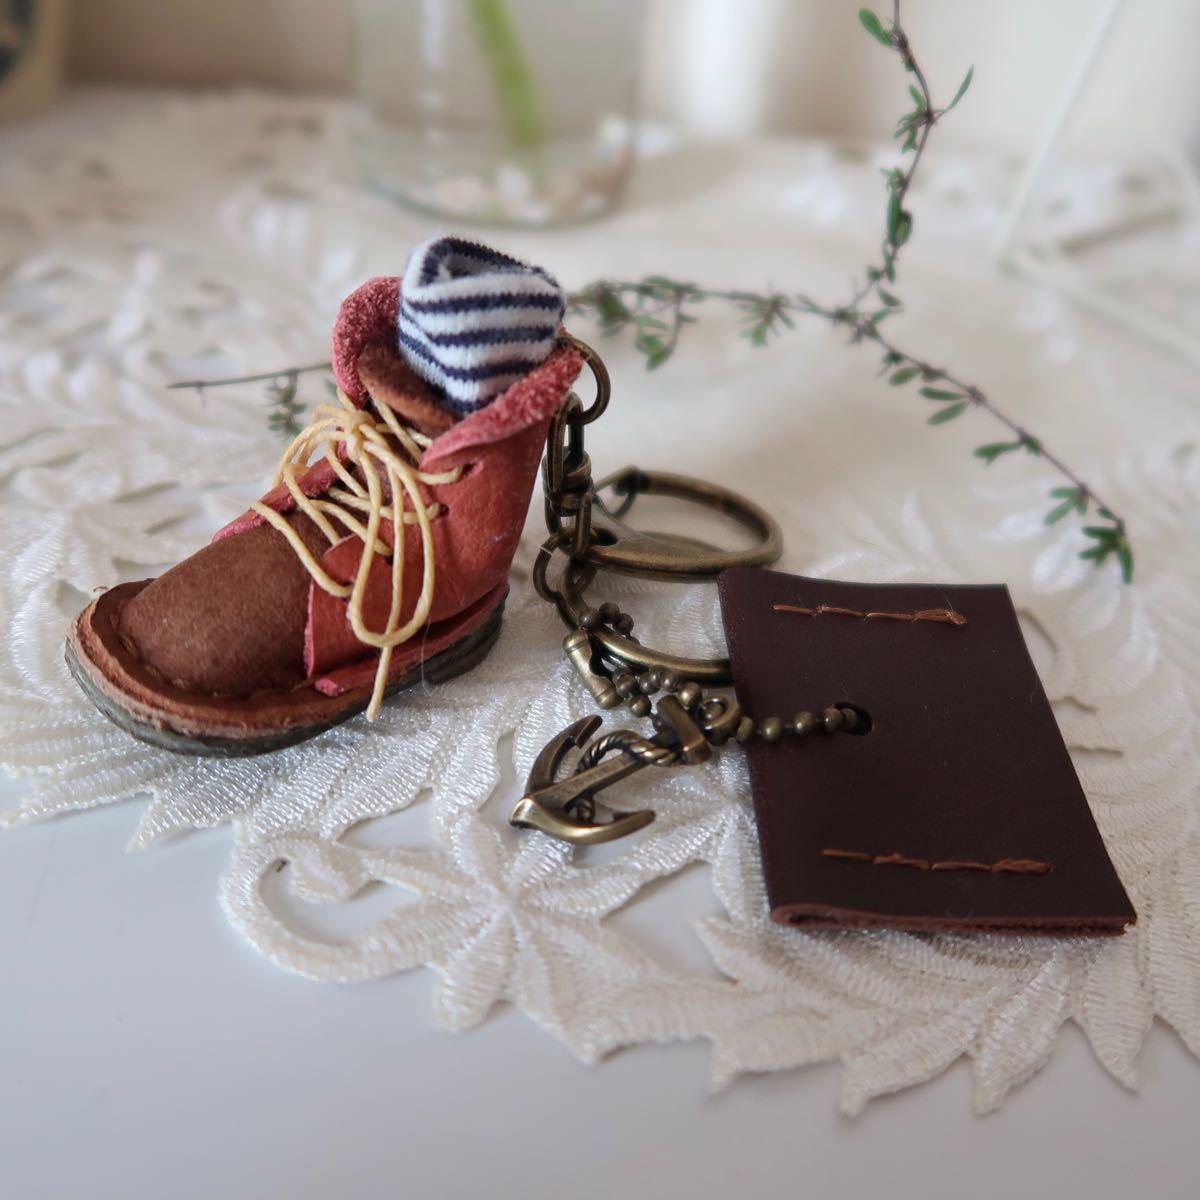 ハンドメイドの革靴のキーホルダーです。靴のサイズは約2.5cm×5cm×4cmです。素人のハンドメイドですので完璧ではありません。